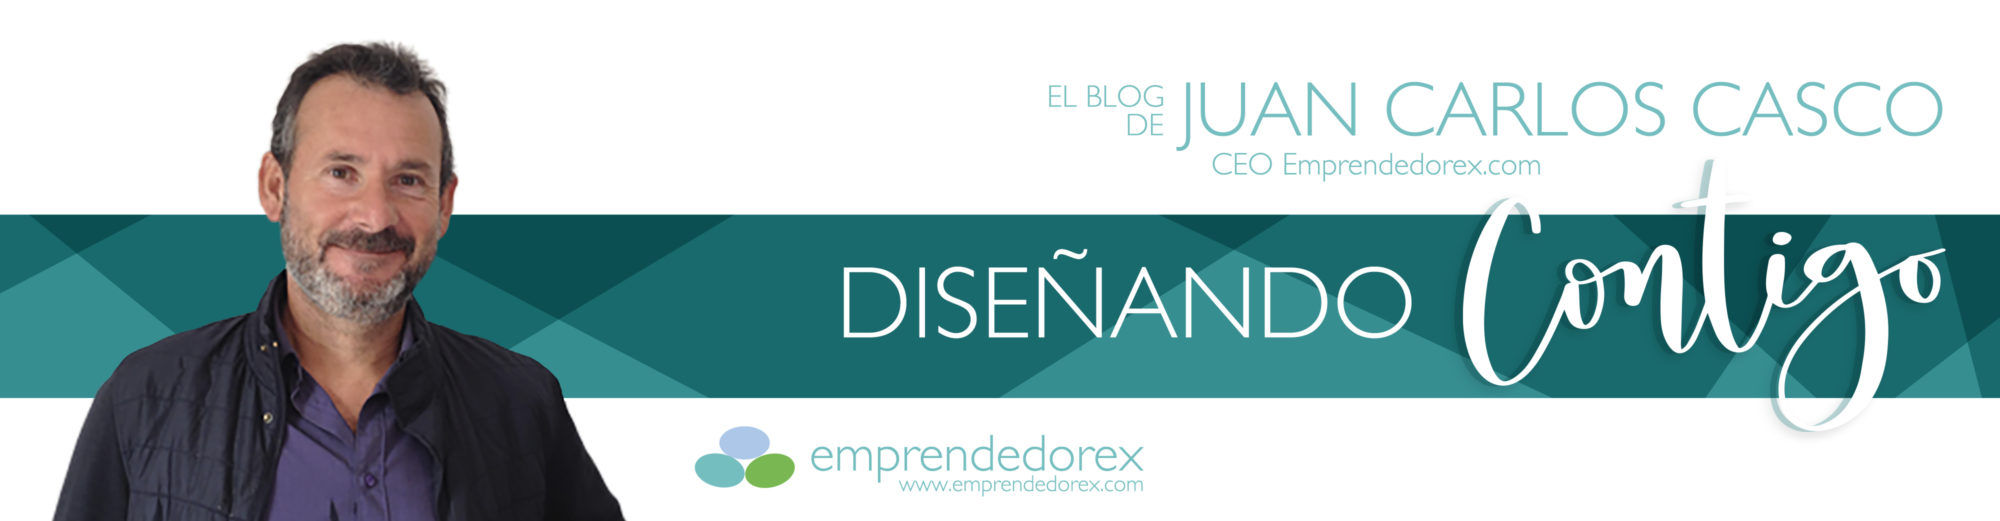 El blog de Juan Carlos Casco